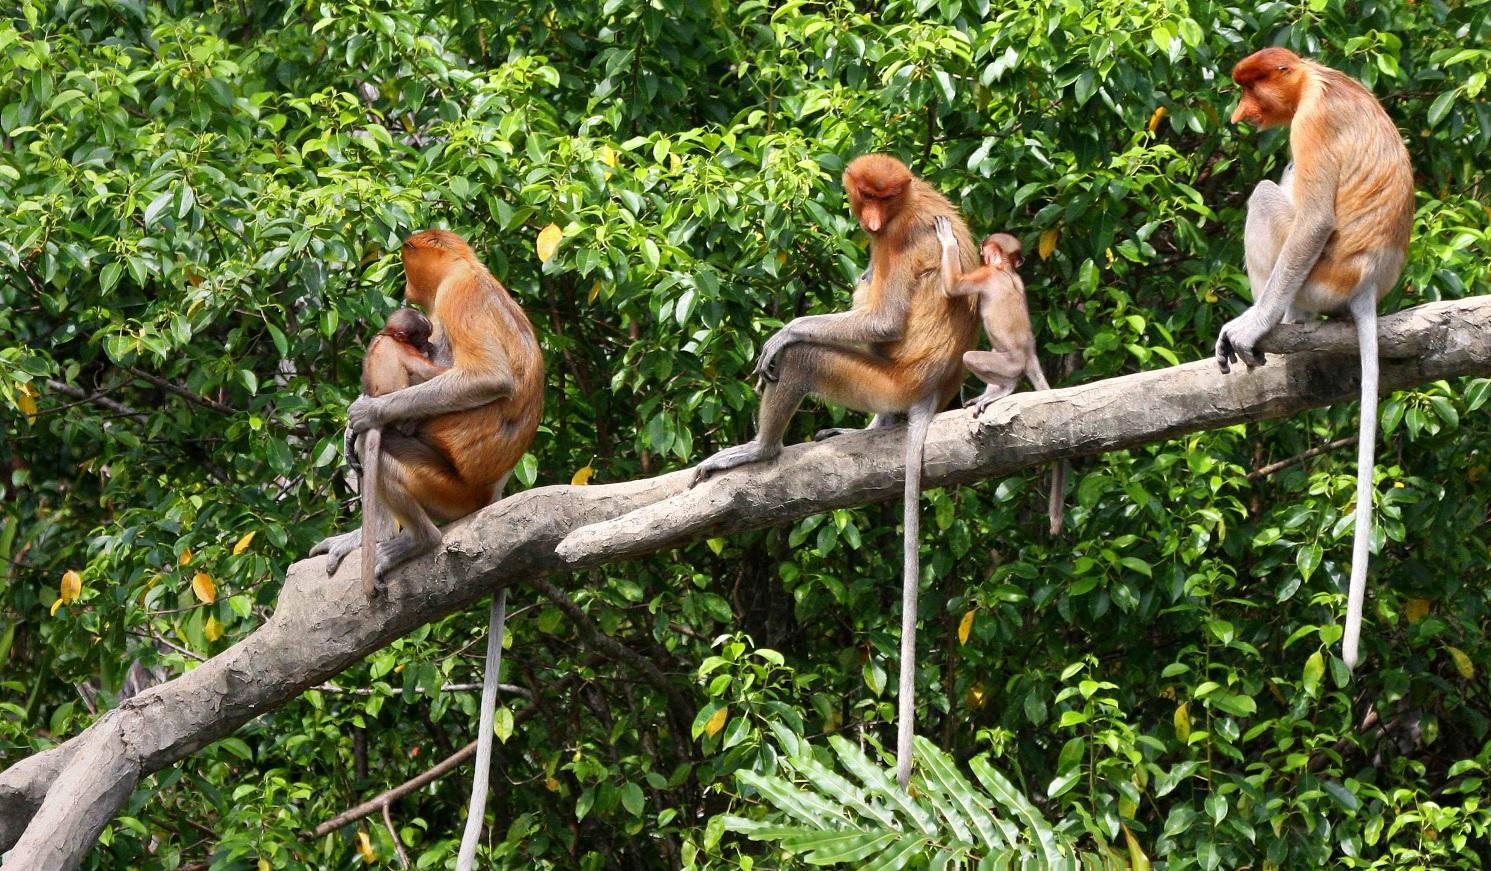 Didnosės beždžionės Borneo saloje